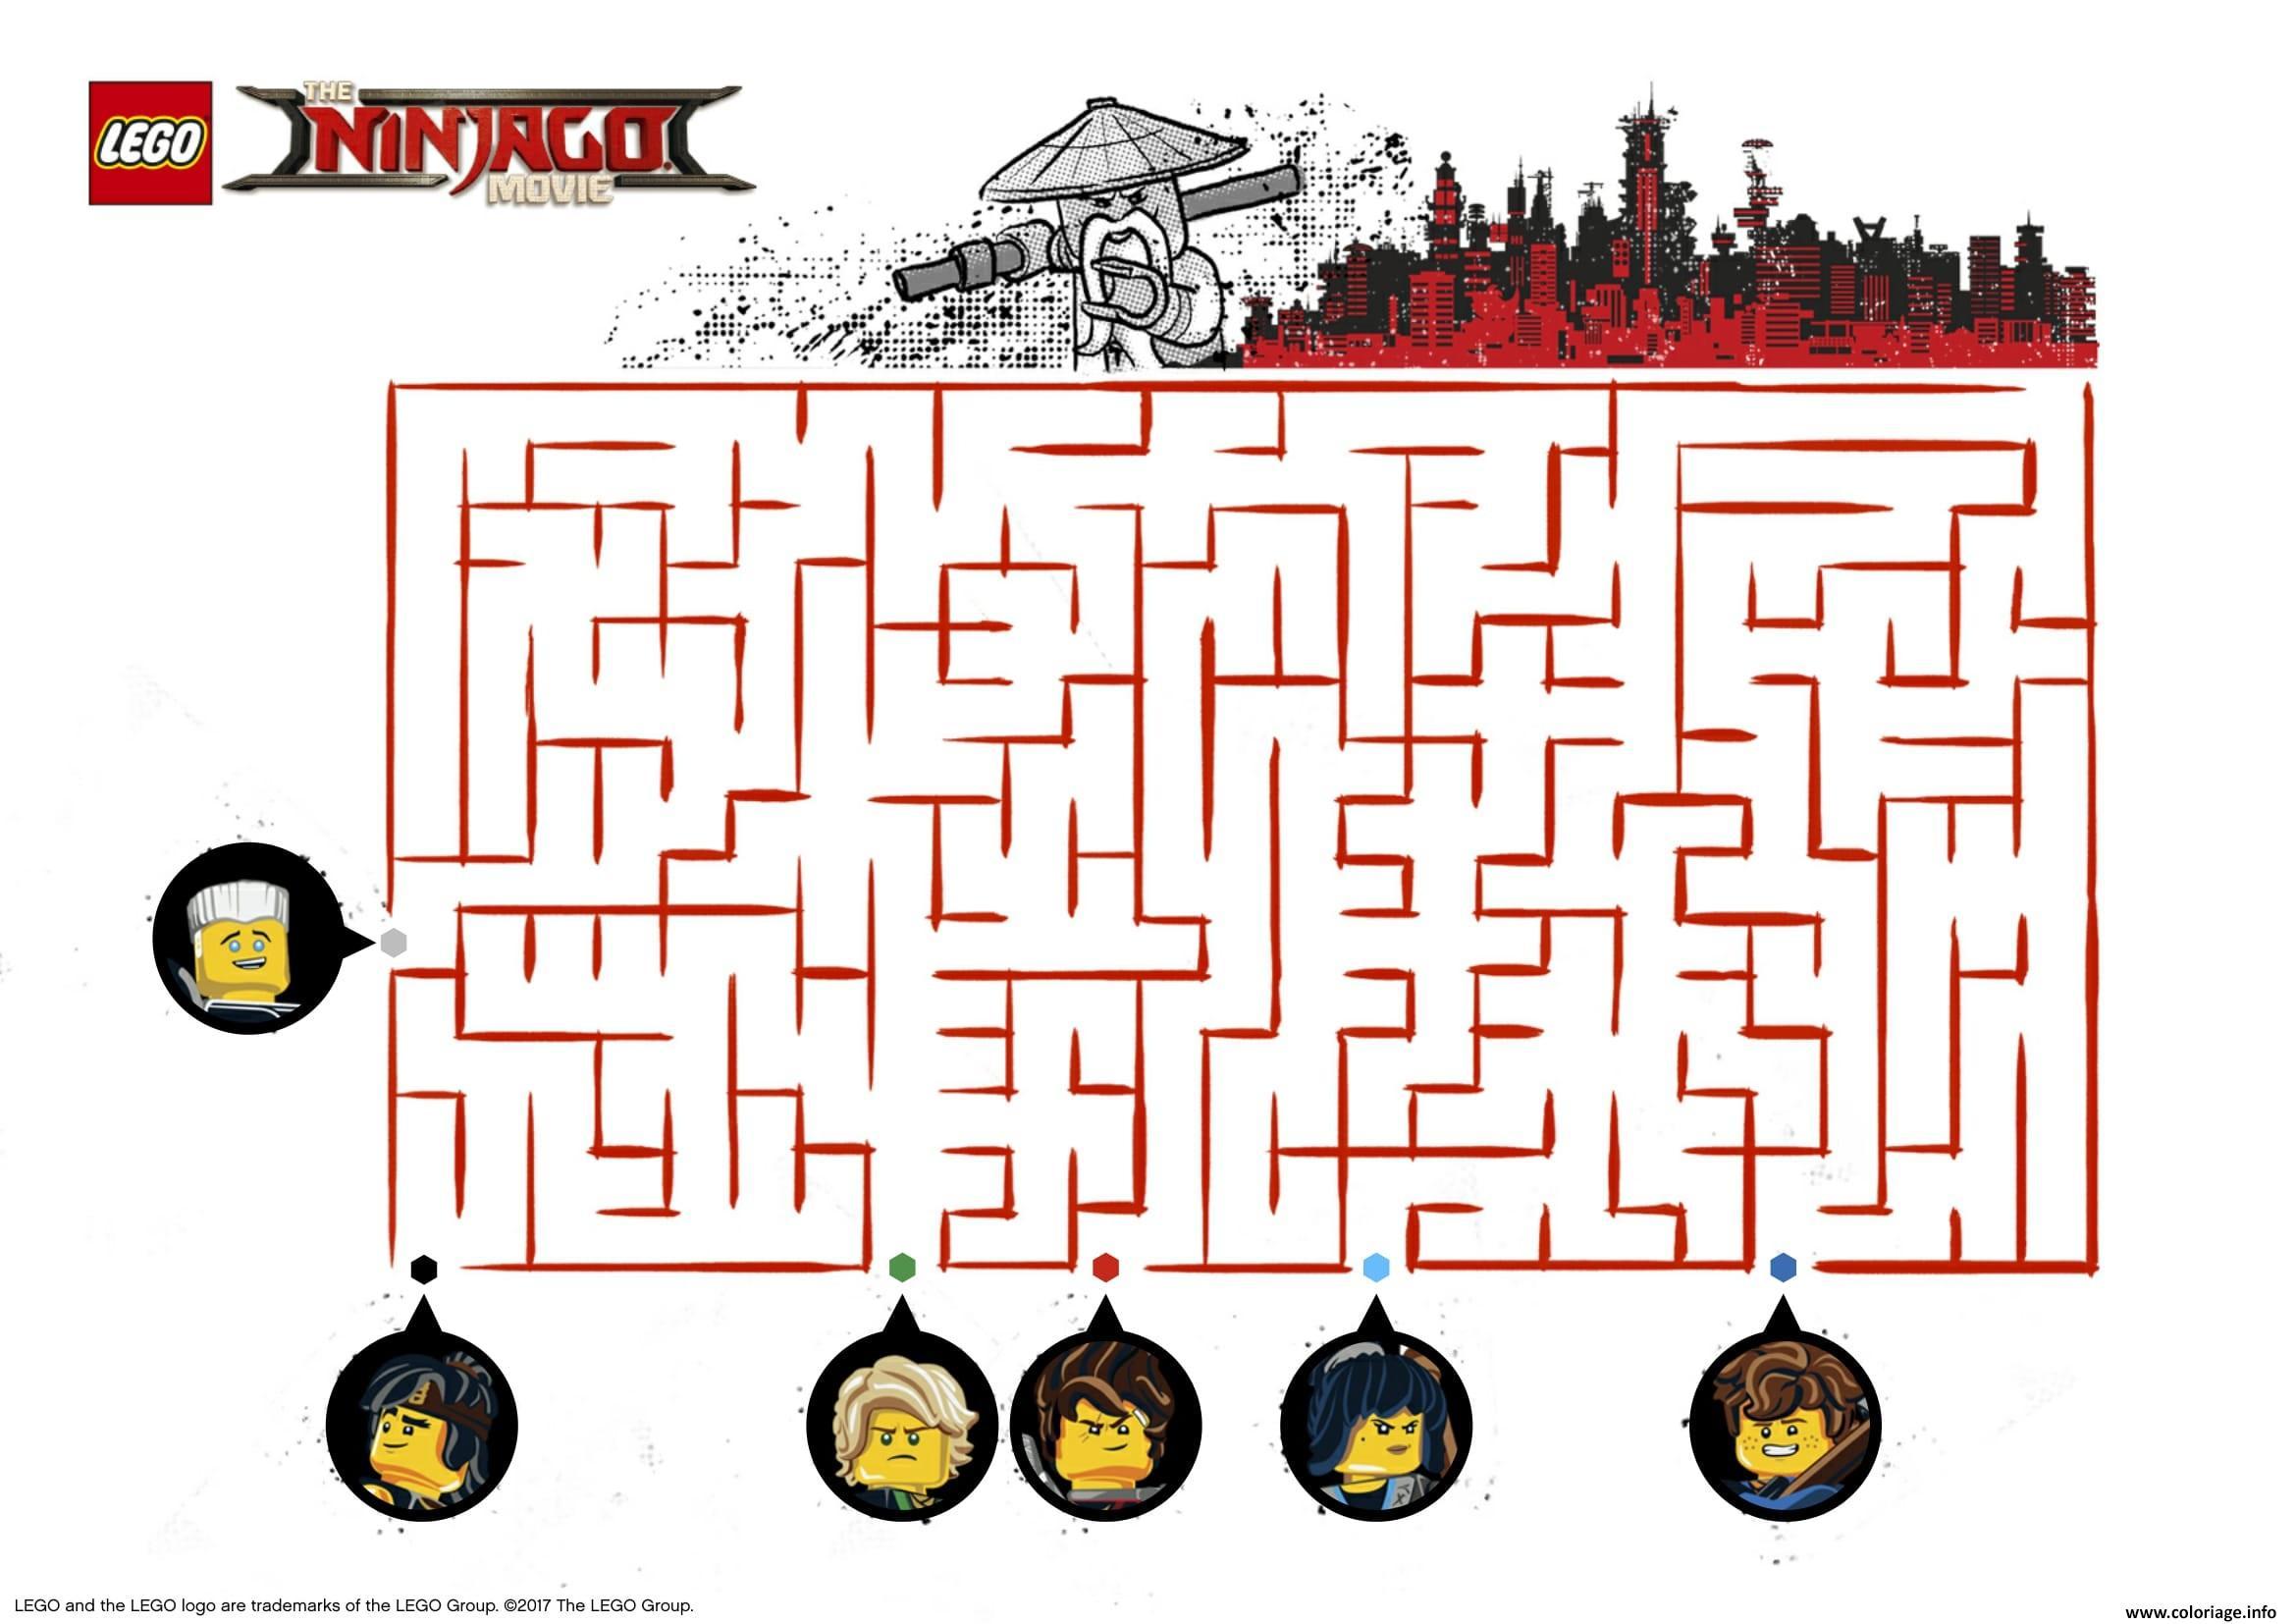 Coloriage jeu ninjago lego a imprimer dessin - Jeux de ninjago gratuit lego ...